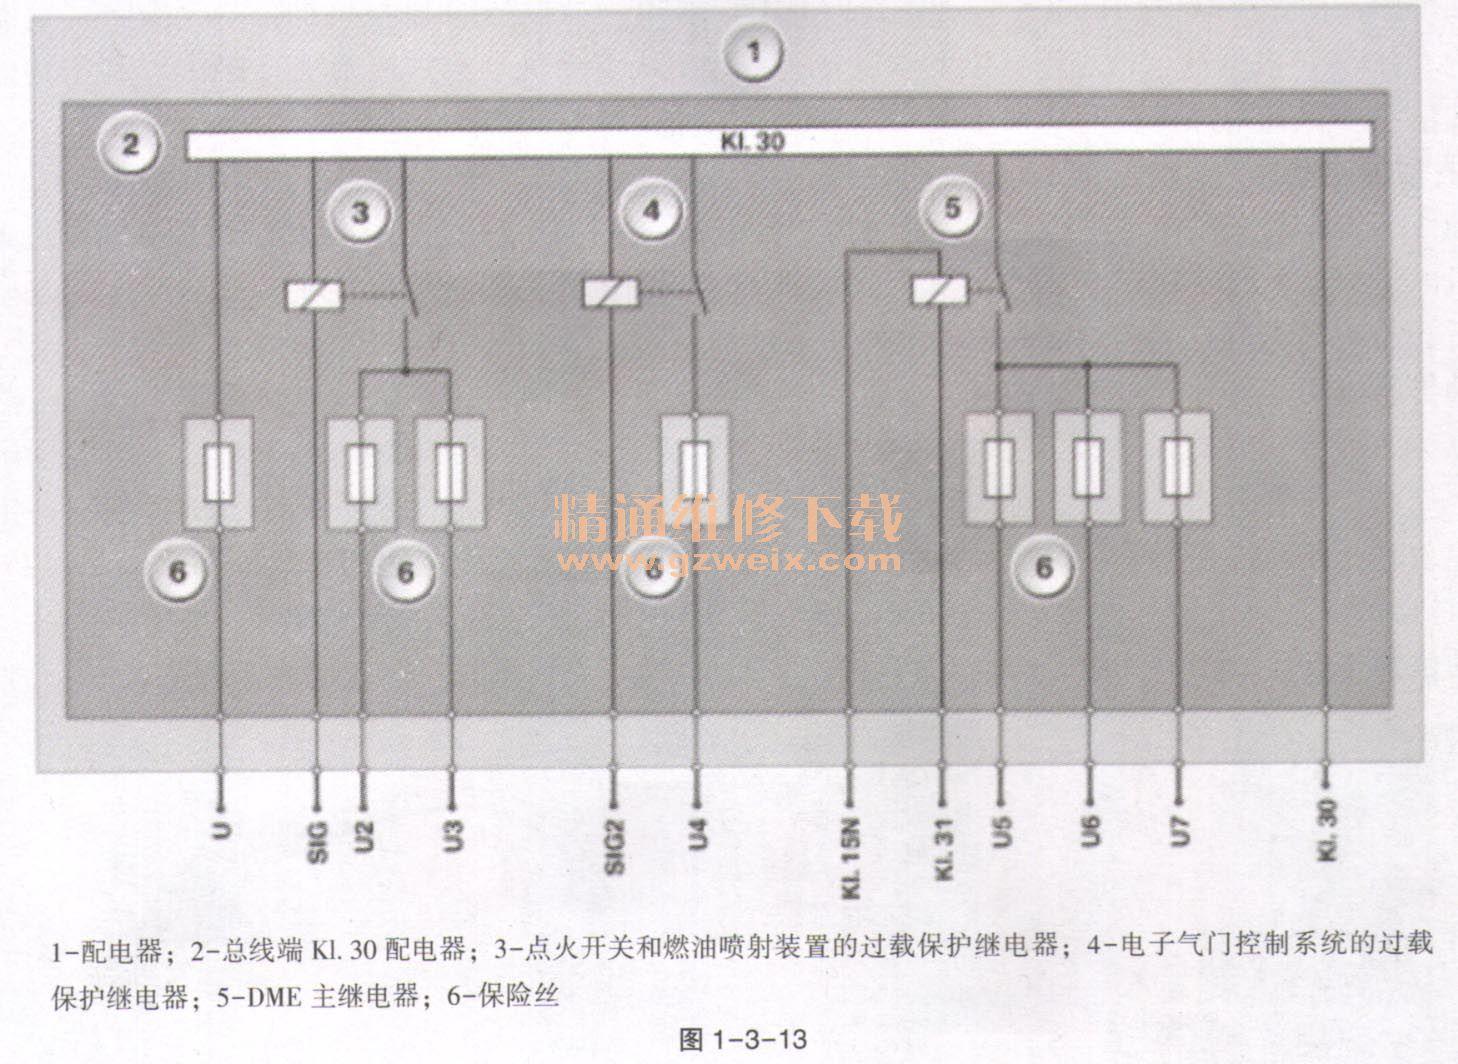 详解宝马车系n20发动机控制系统供电